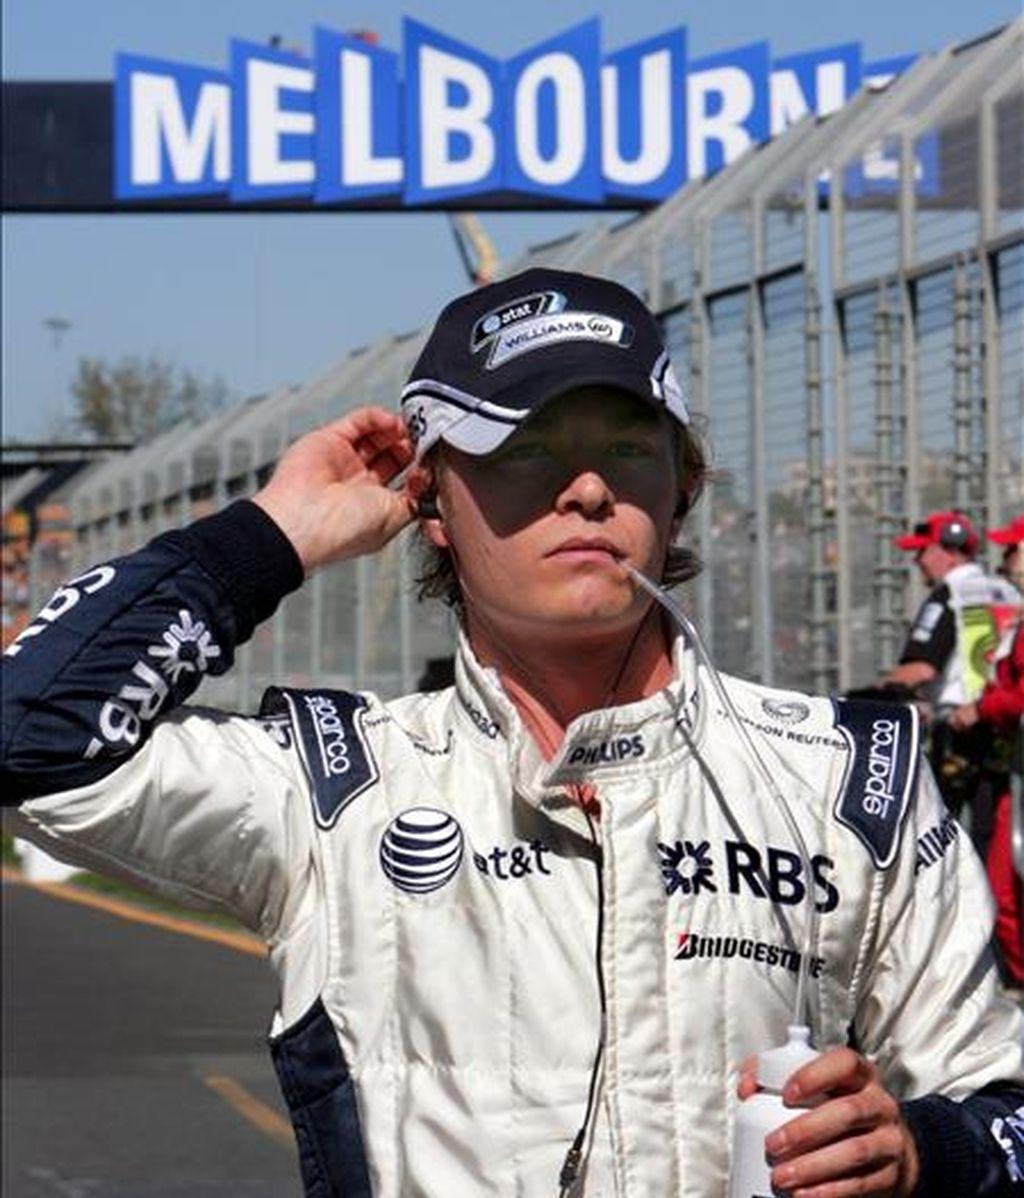 El piloto alemán Nico Rosberg de la escuderia Williams F1 antes del comienzo de la tercera ronda de entrenamientos previa a la primera prueba puntuable del Gran Premio de Australia en el circuito de Albert Park, en Melbourne, Australia. EFE